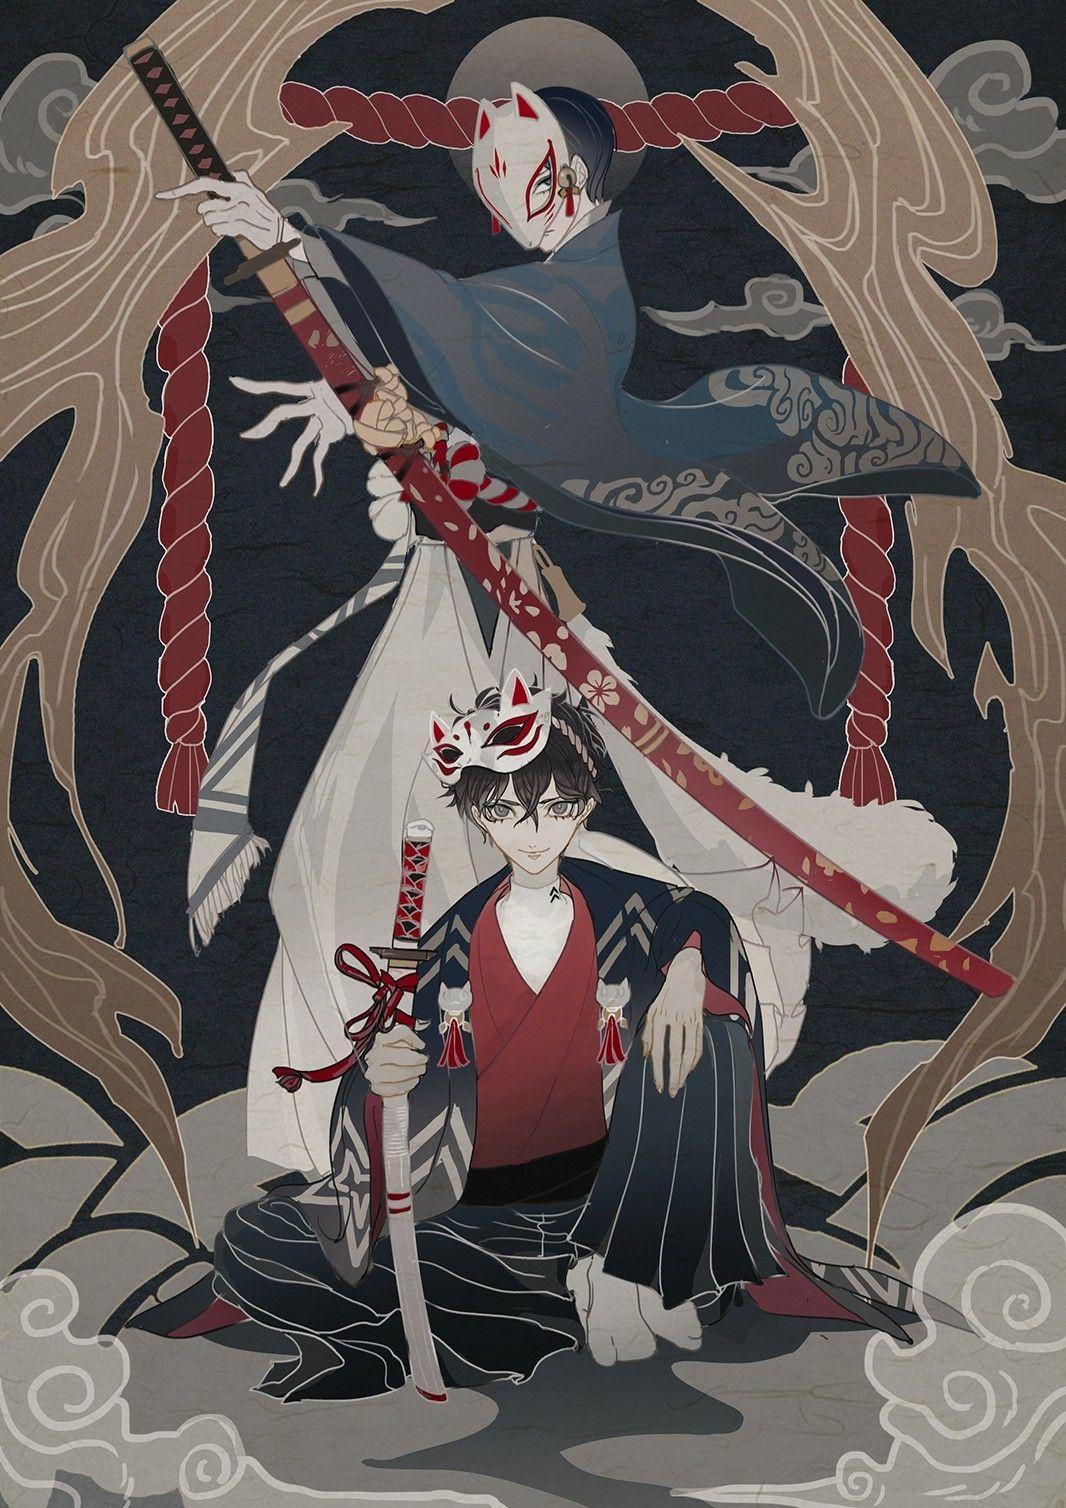 Yusuke Kitagawa And Ren Amamiya Persona 5 Anime Persona 5 Persona